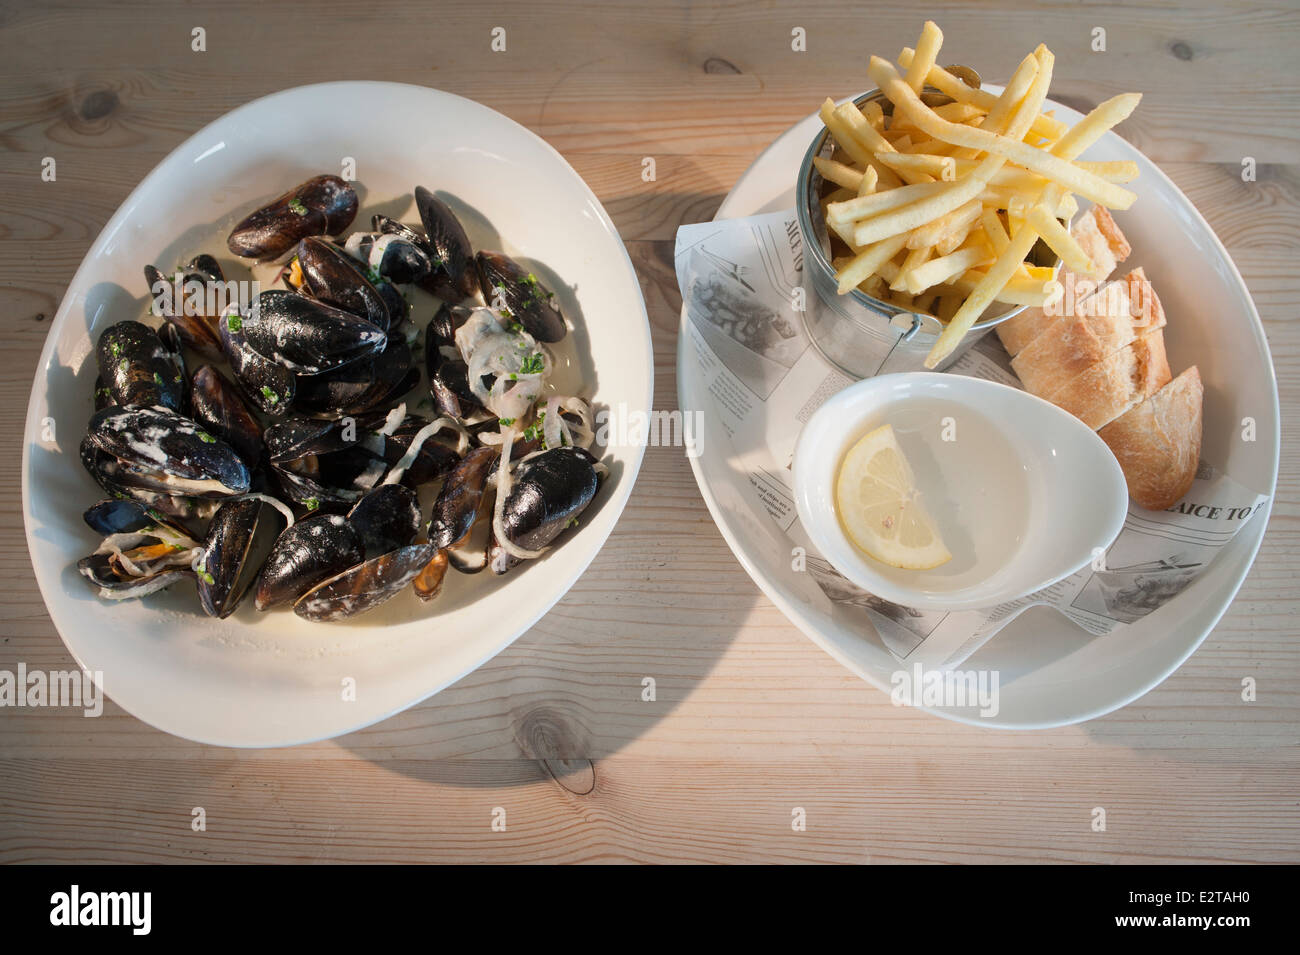 Muscheln oder Moules in in Weißwein mit Petersilie zubereitet und begleitet mit Pommes frites oder Pommes Frites Stockbild